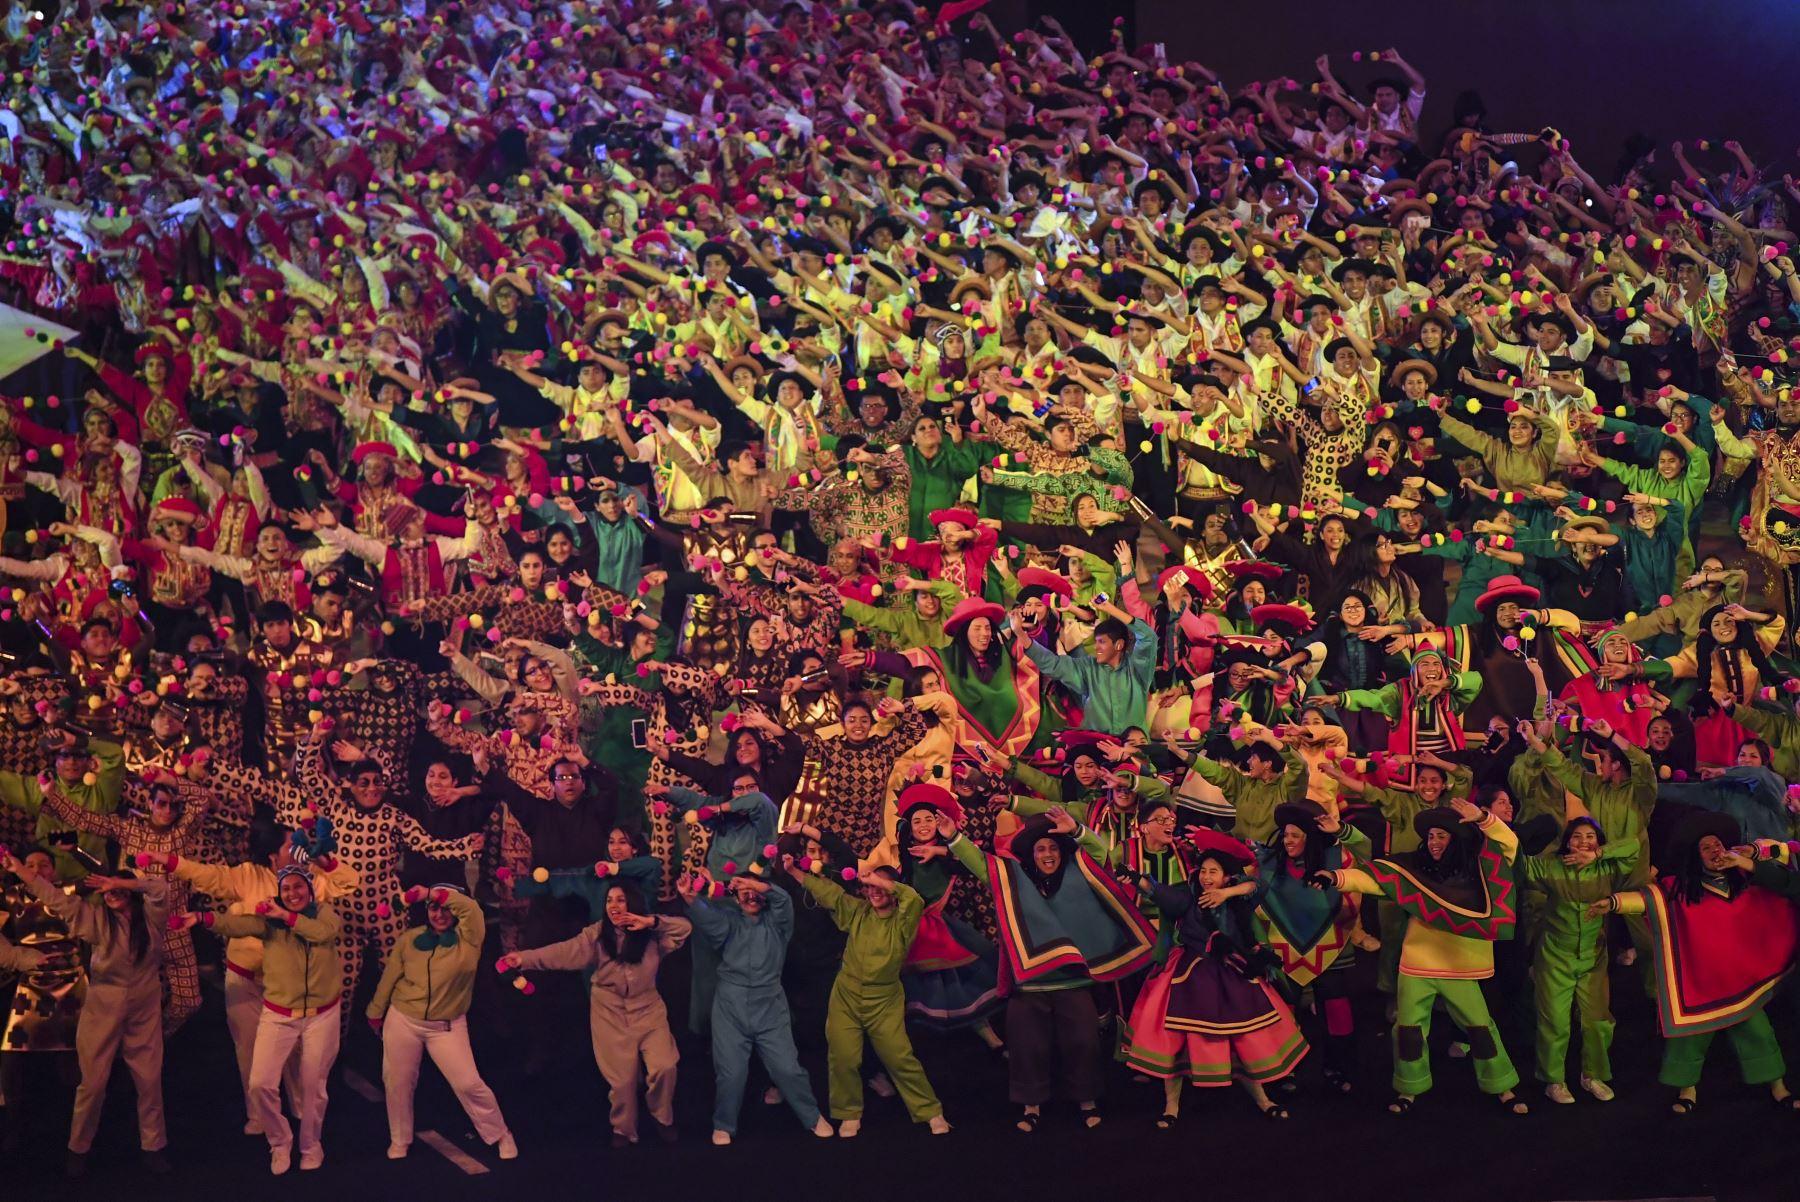 Los artistas bailan durante la ceremonia de clausura de los Juegos Panamericanos de Lima 2019 en Lima el 11 de agosto de 2019. AFP